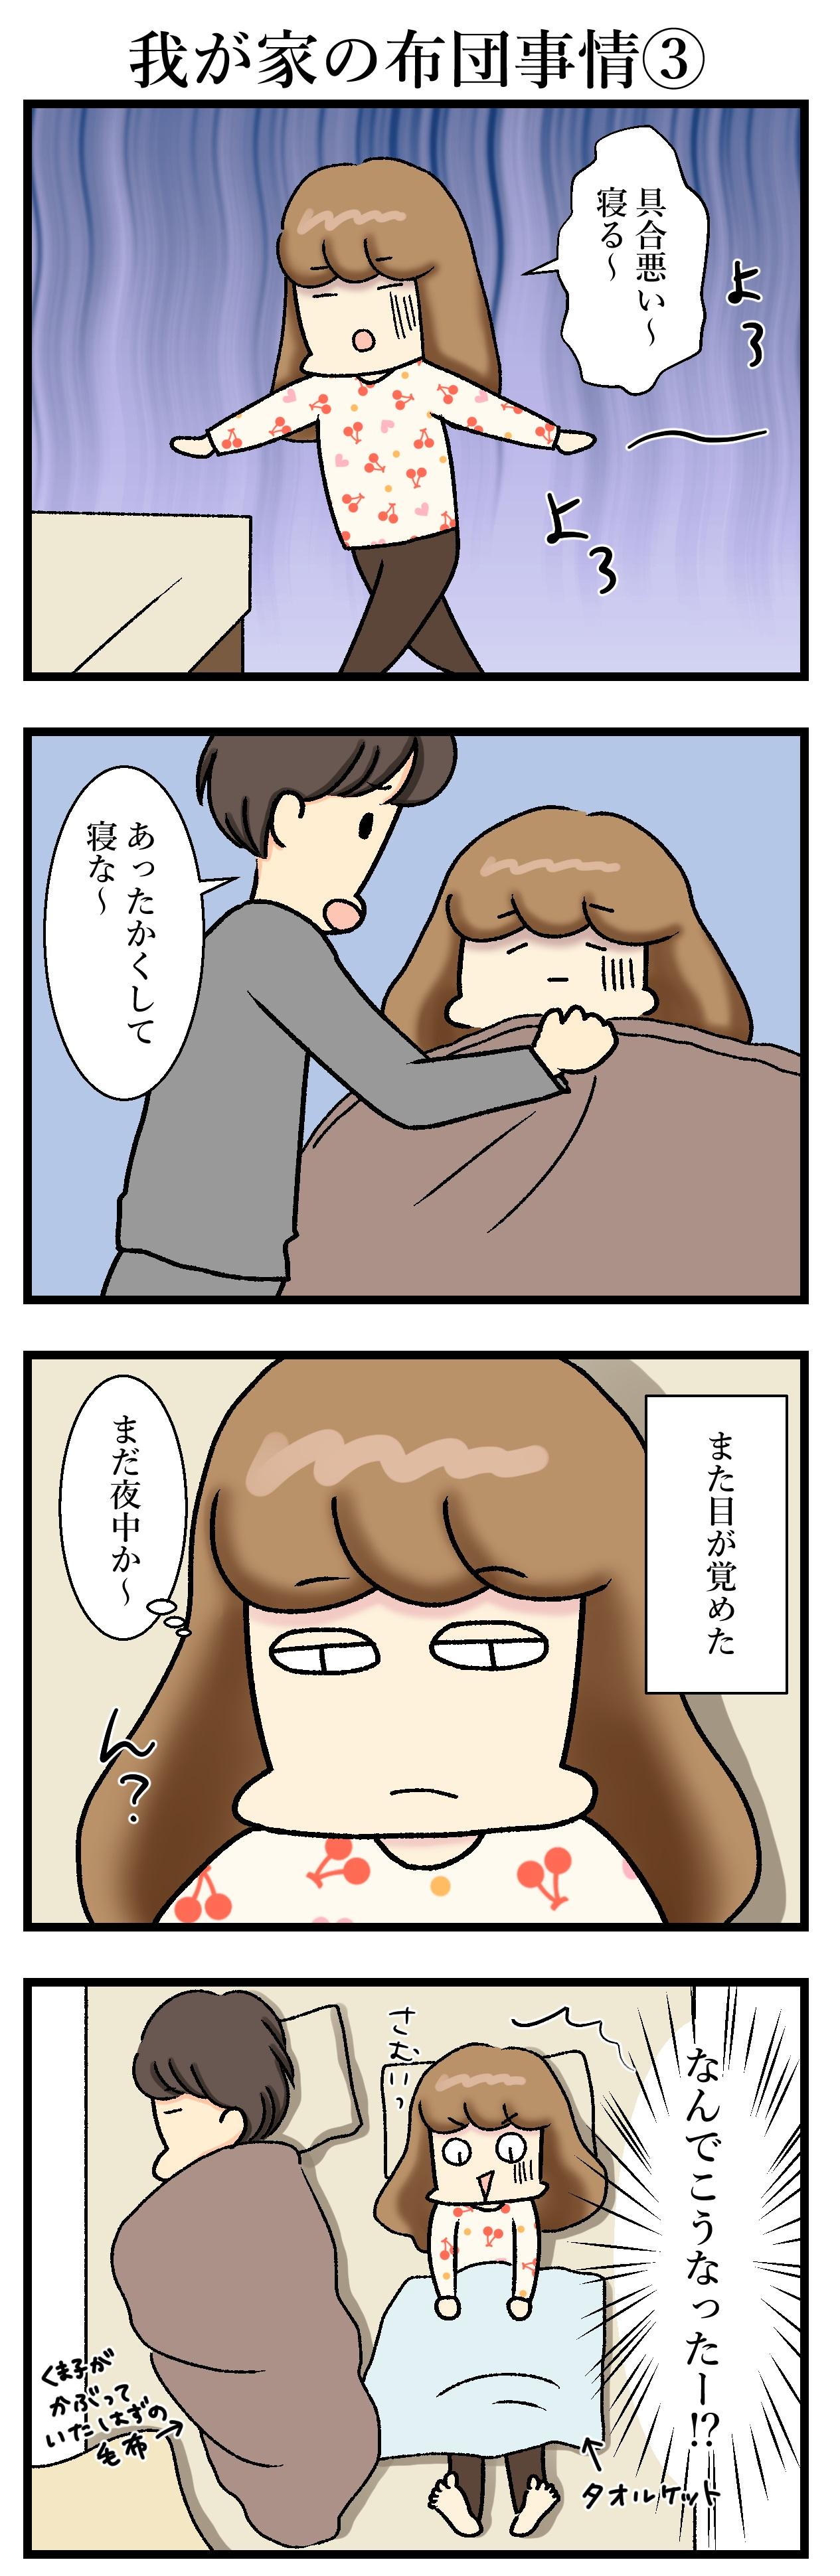 【エッセイ漫画】アラサー主婦くま子のふがいない日常(64)